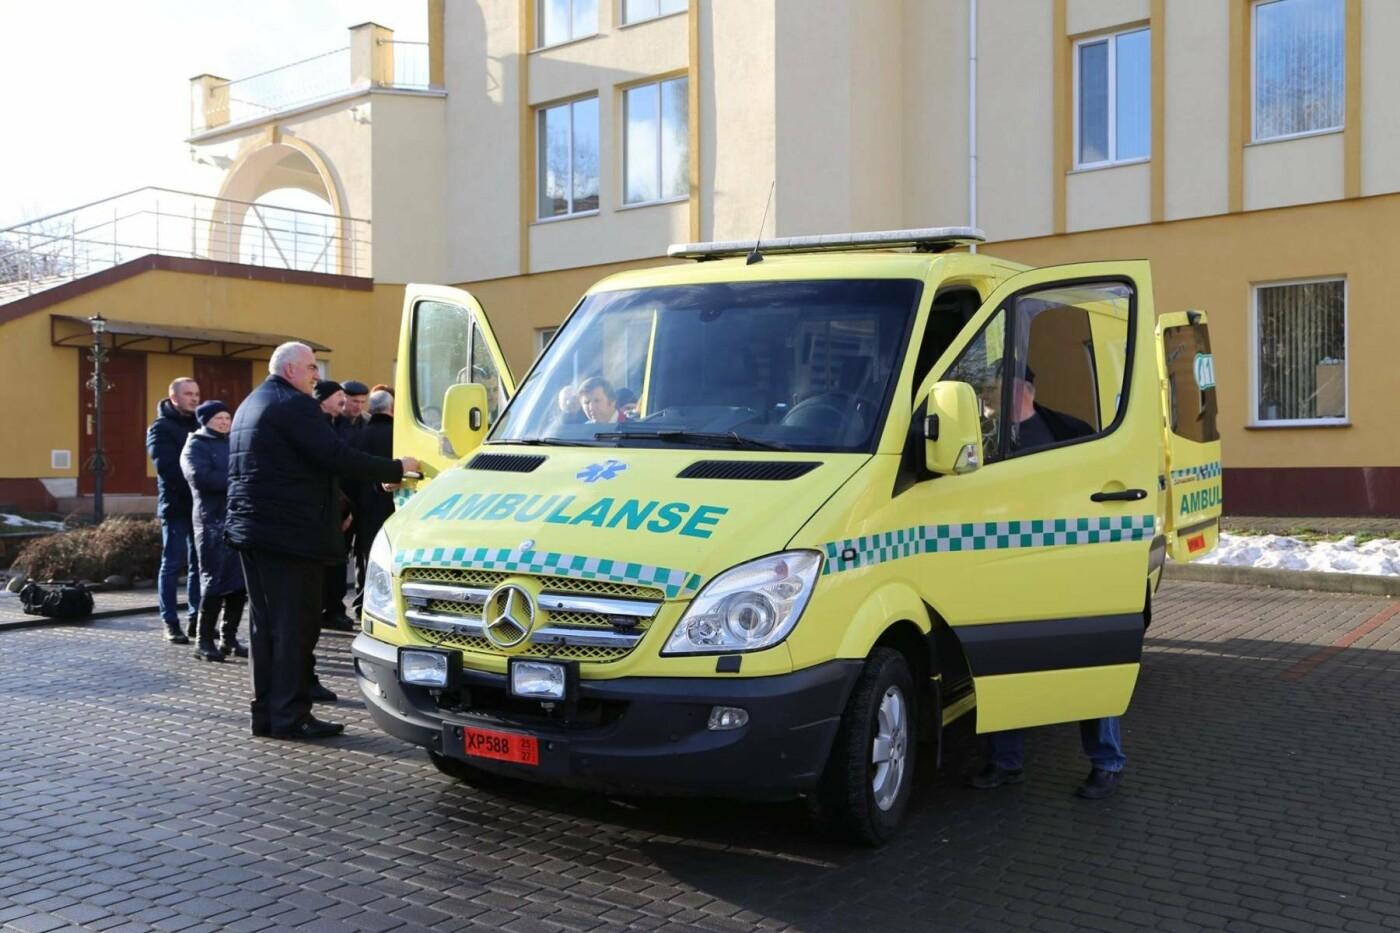 Сучасний реанімобіль відтепер обслуговуватиме маленьких пацієнтів Хмельницької міської дитячої лікарні, фото-8